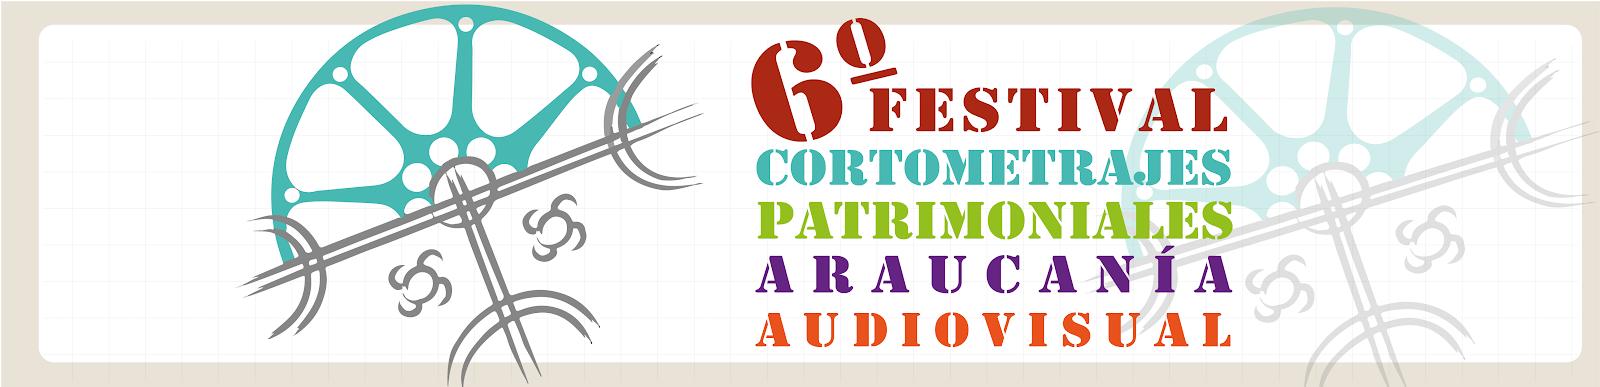 Araucanía Audiovisual